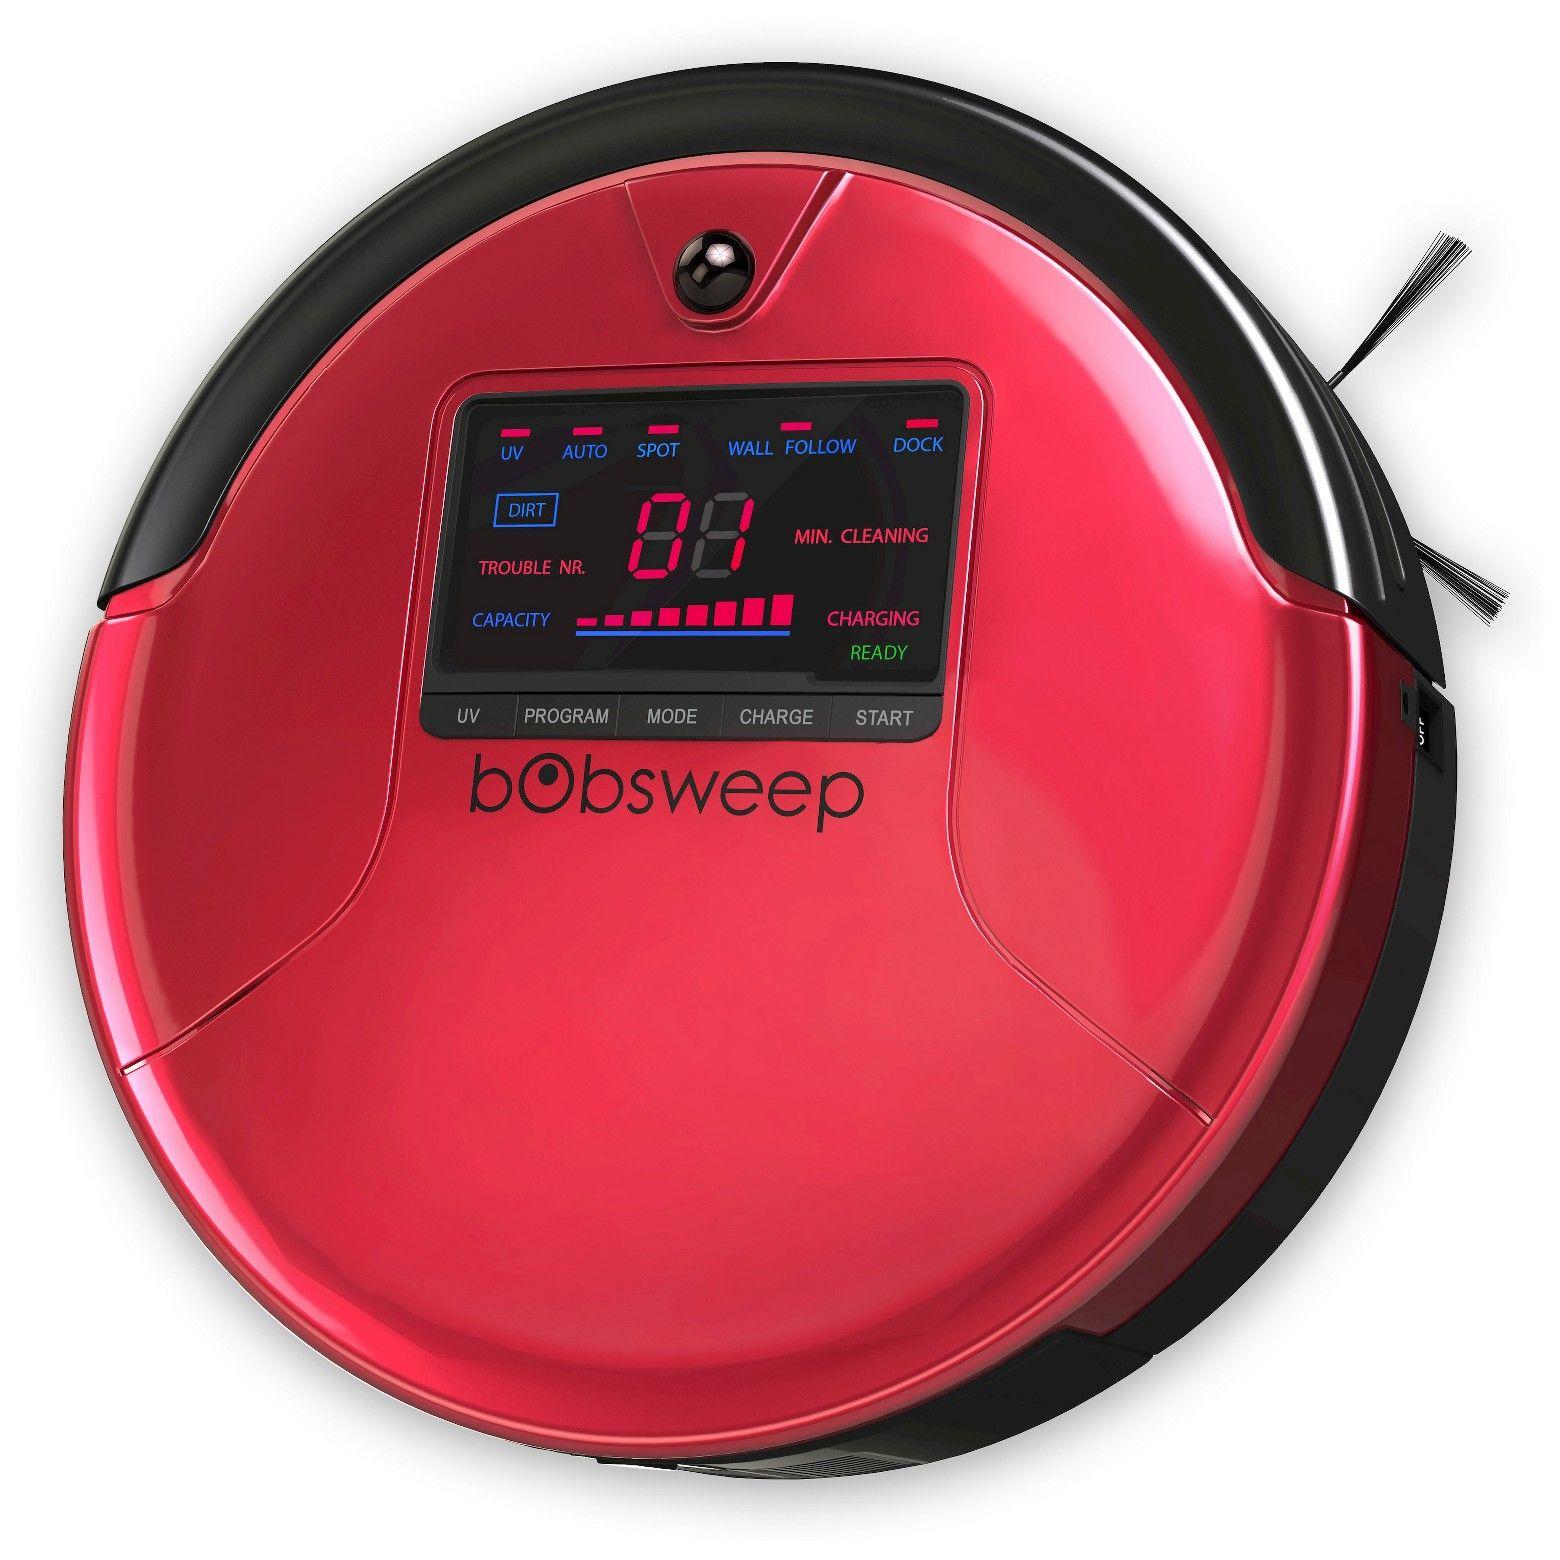 Bobsweep Pethair Robotic Vacuum And Mop Target Vacuums